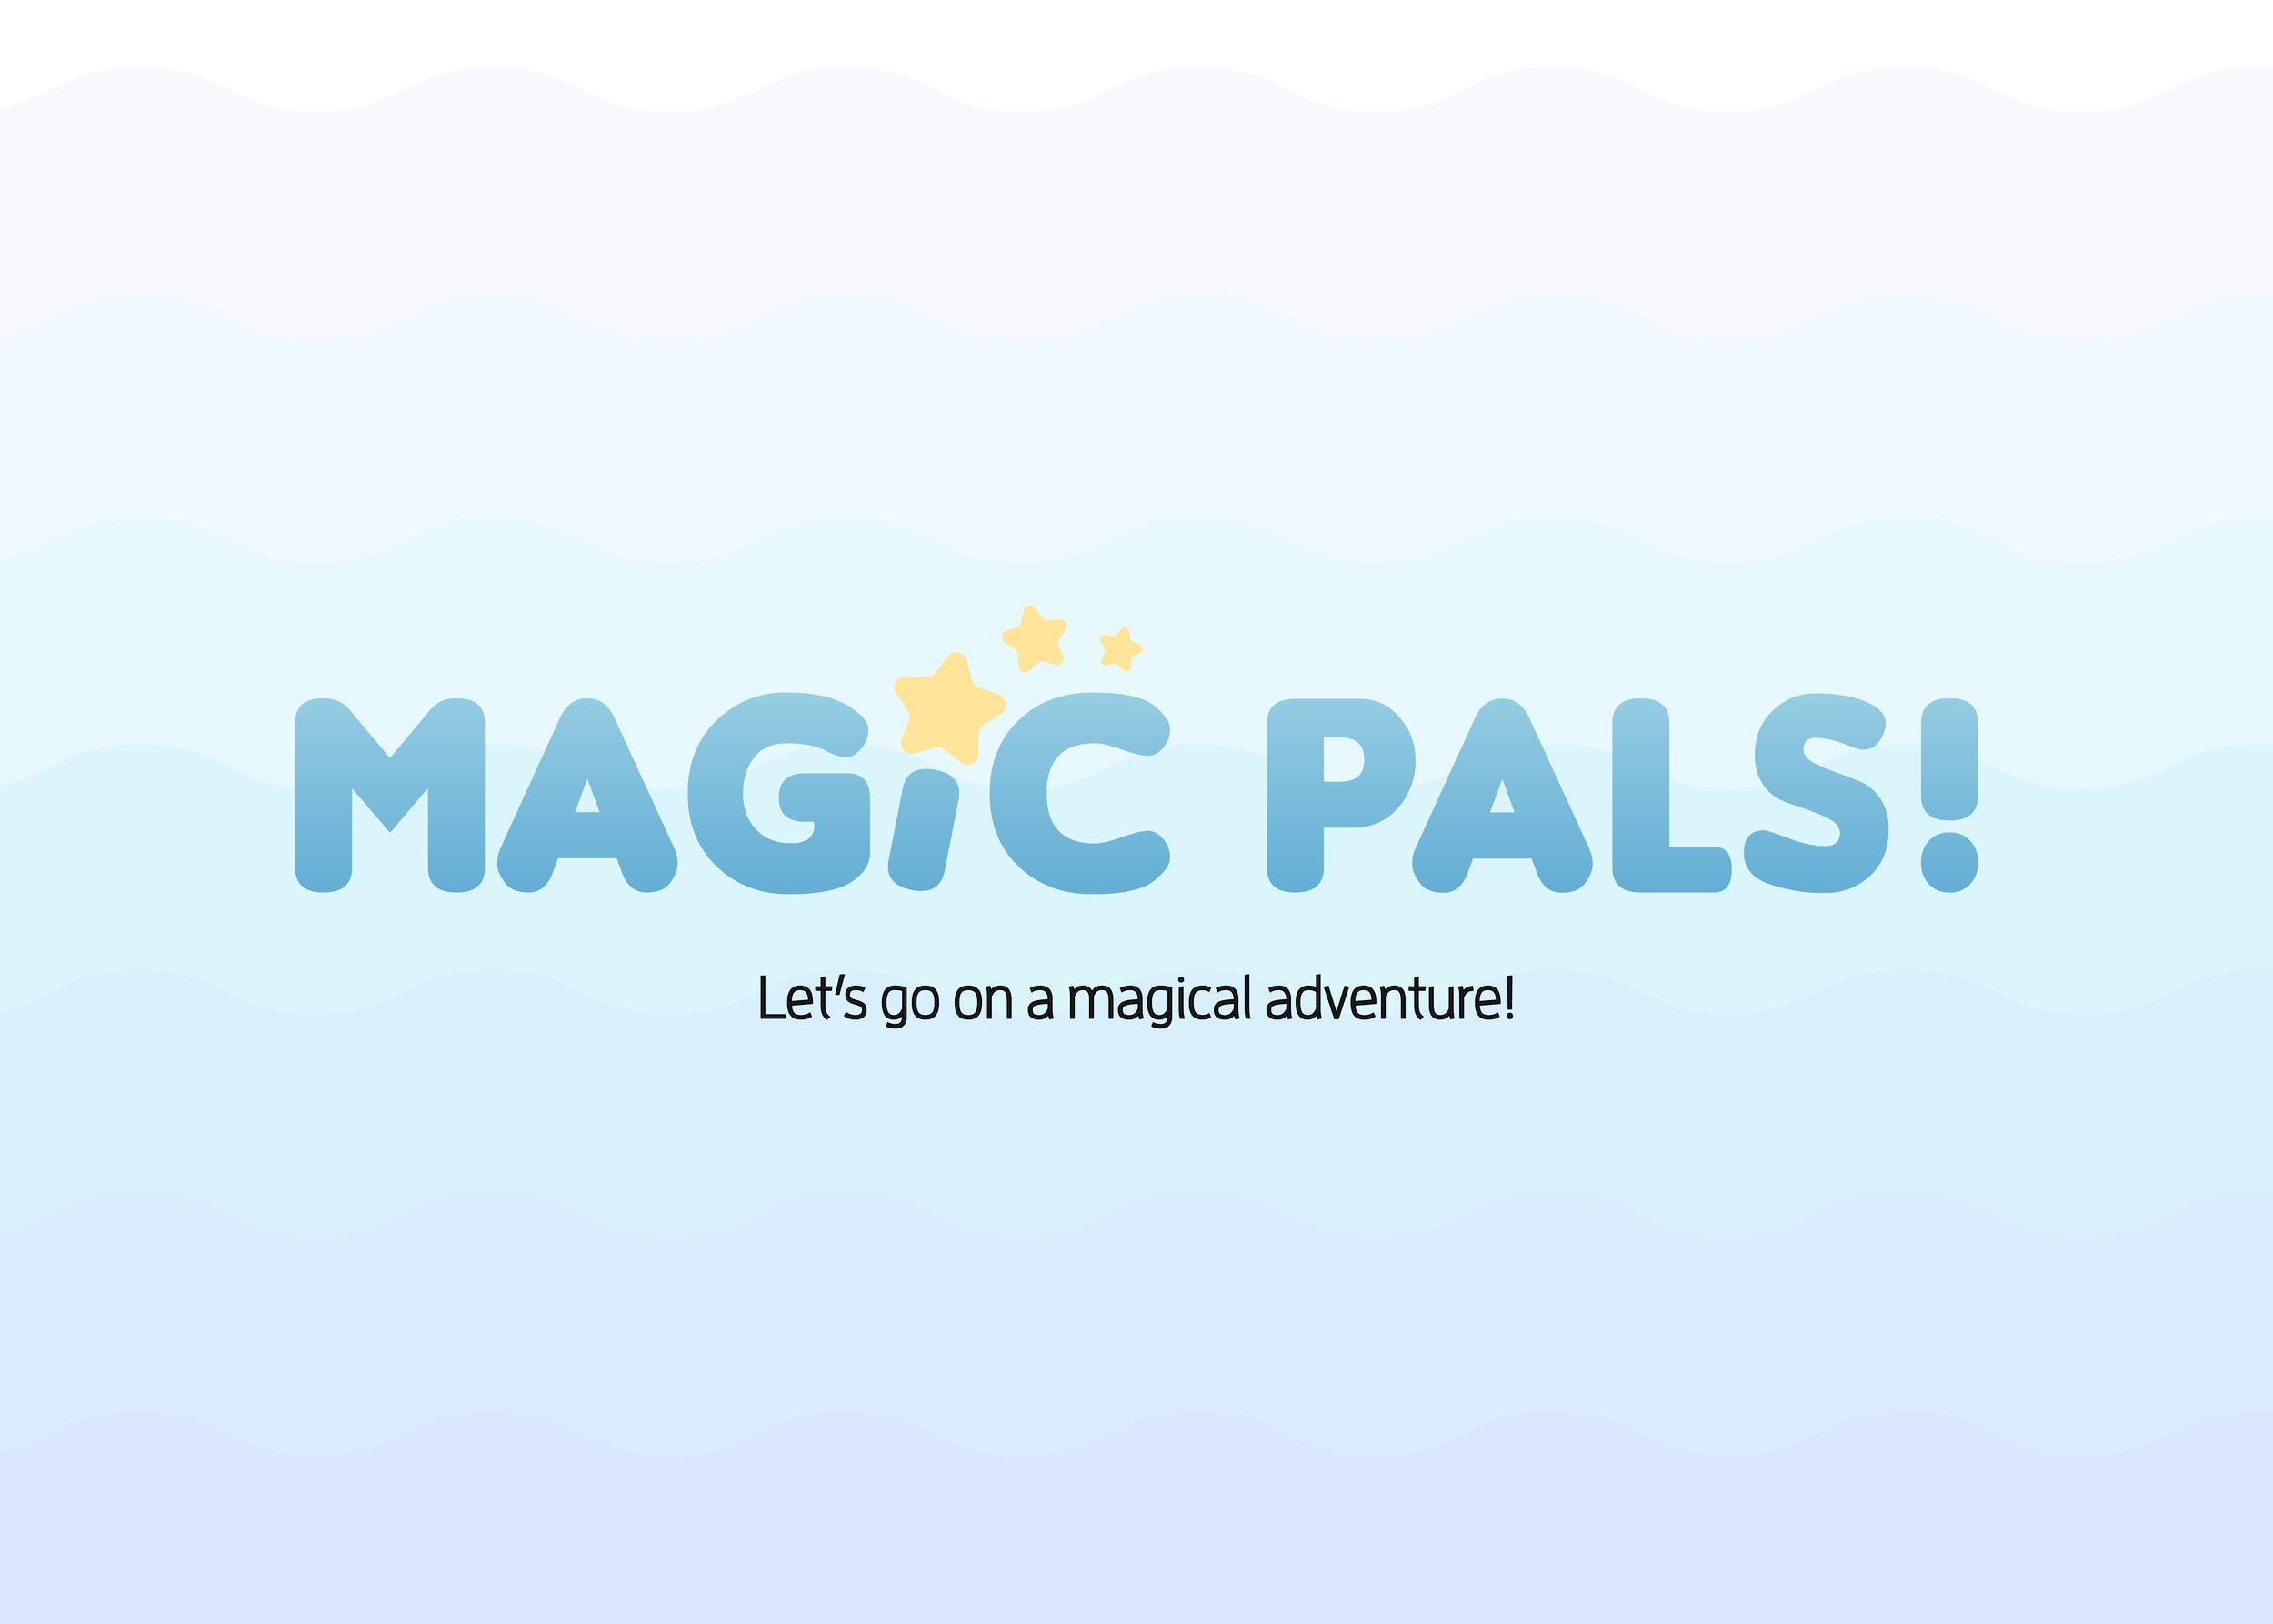 MagicPals_Presentation2.png